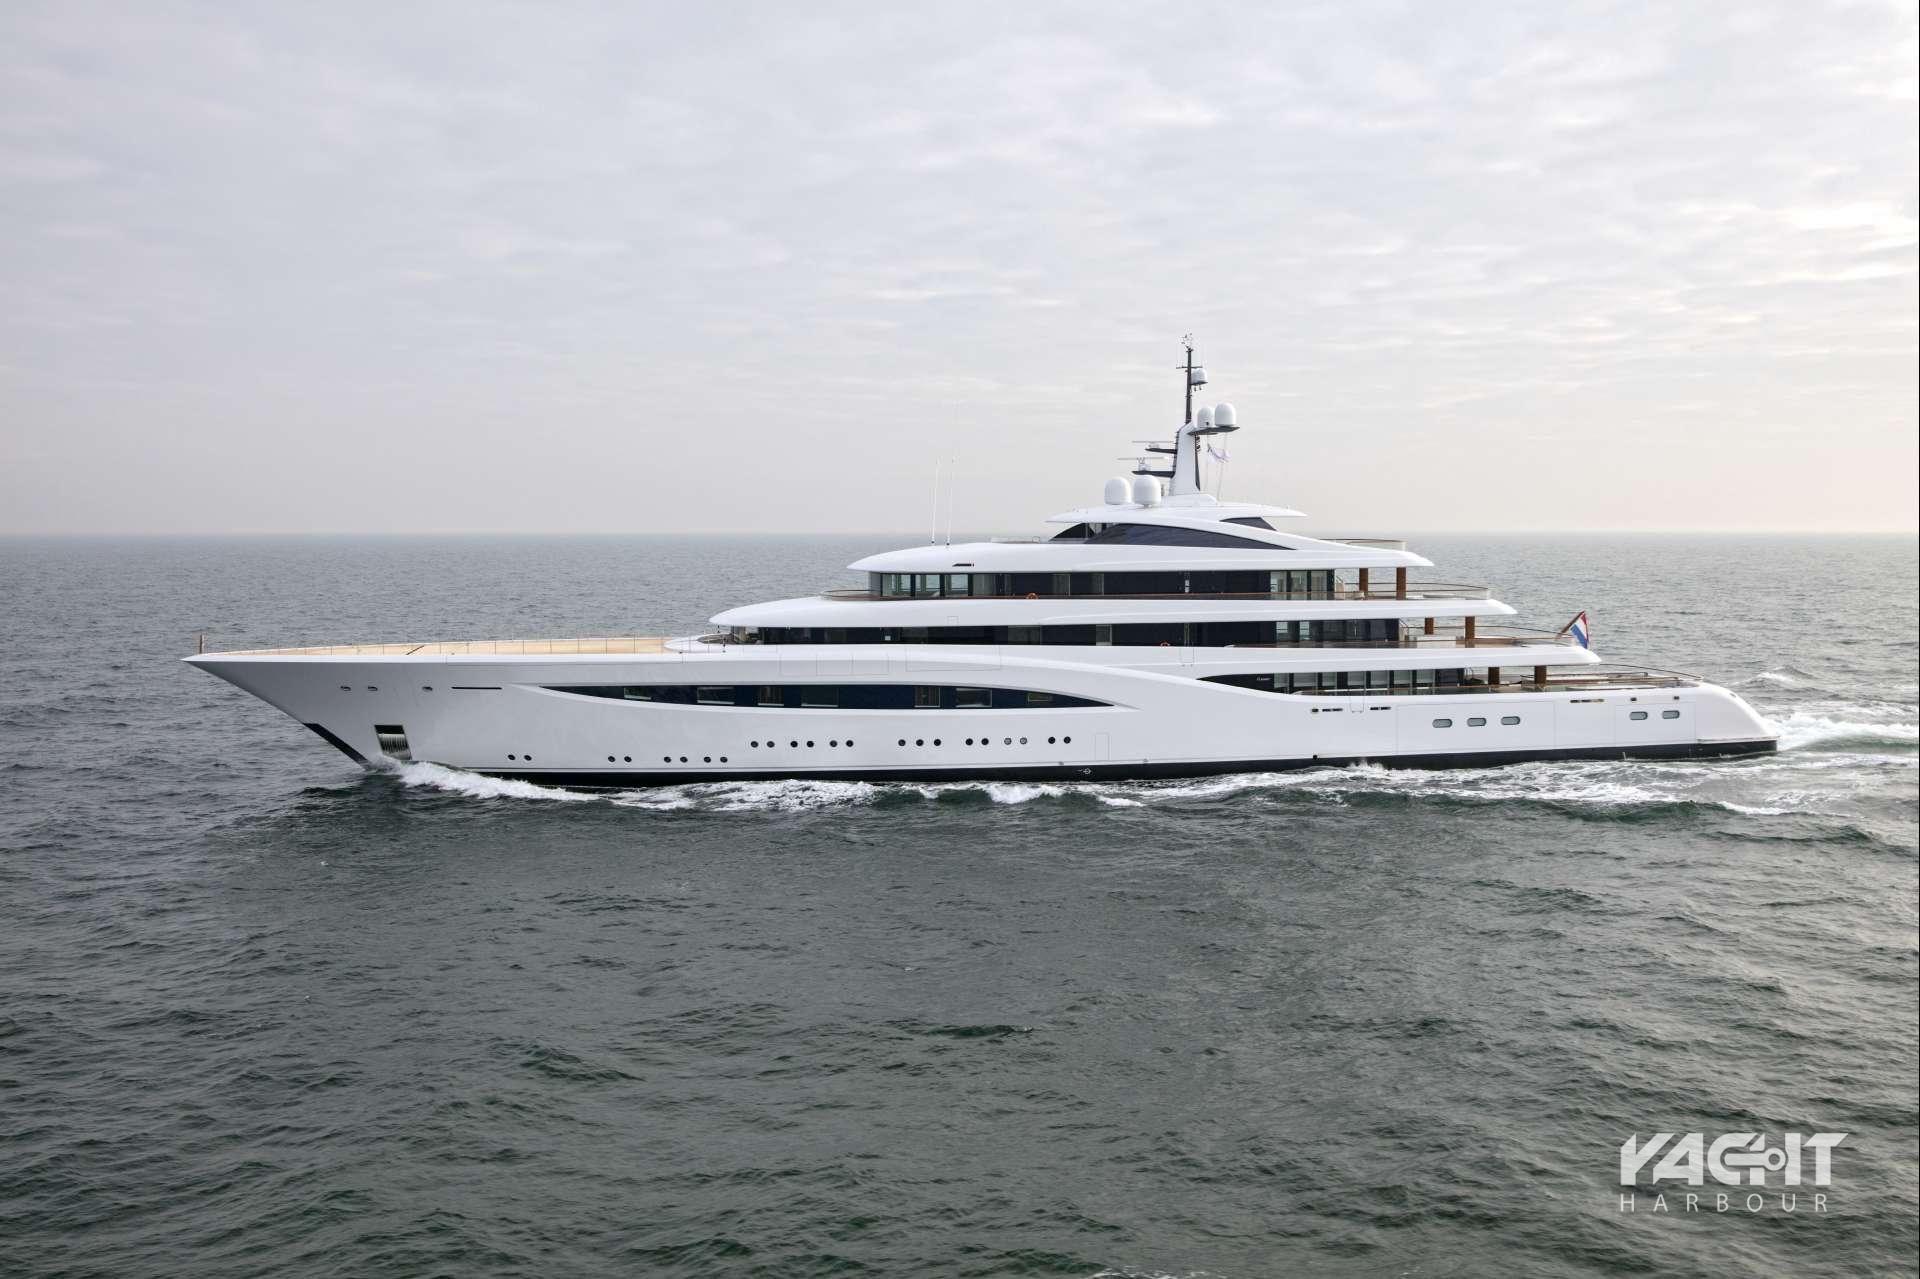 Superyachten kaufen  M/Y Vertigo - 96.55m Feadship - Launched in 2016 | Yacht, Ships ...